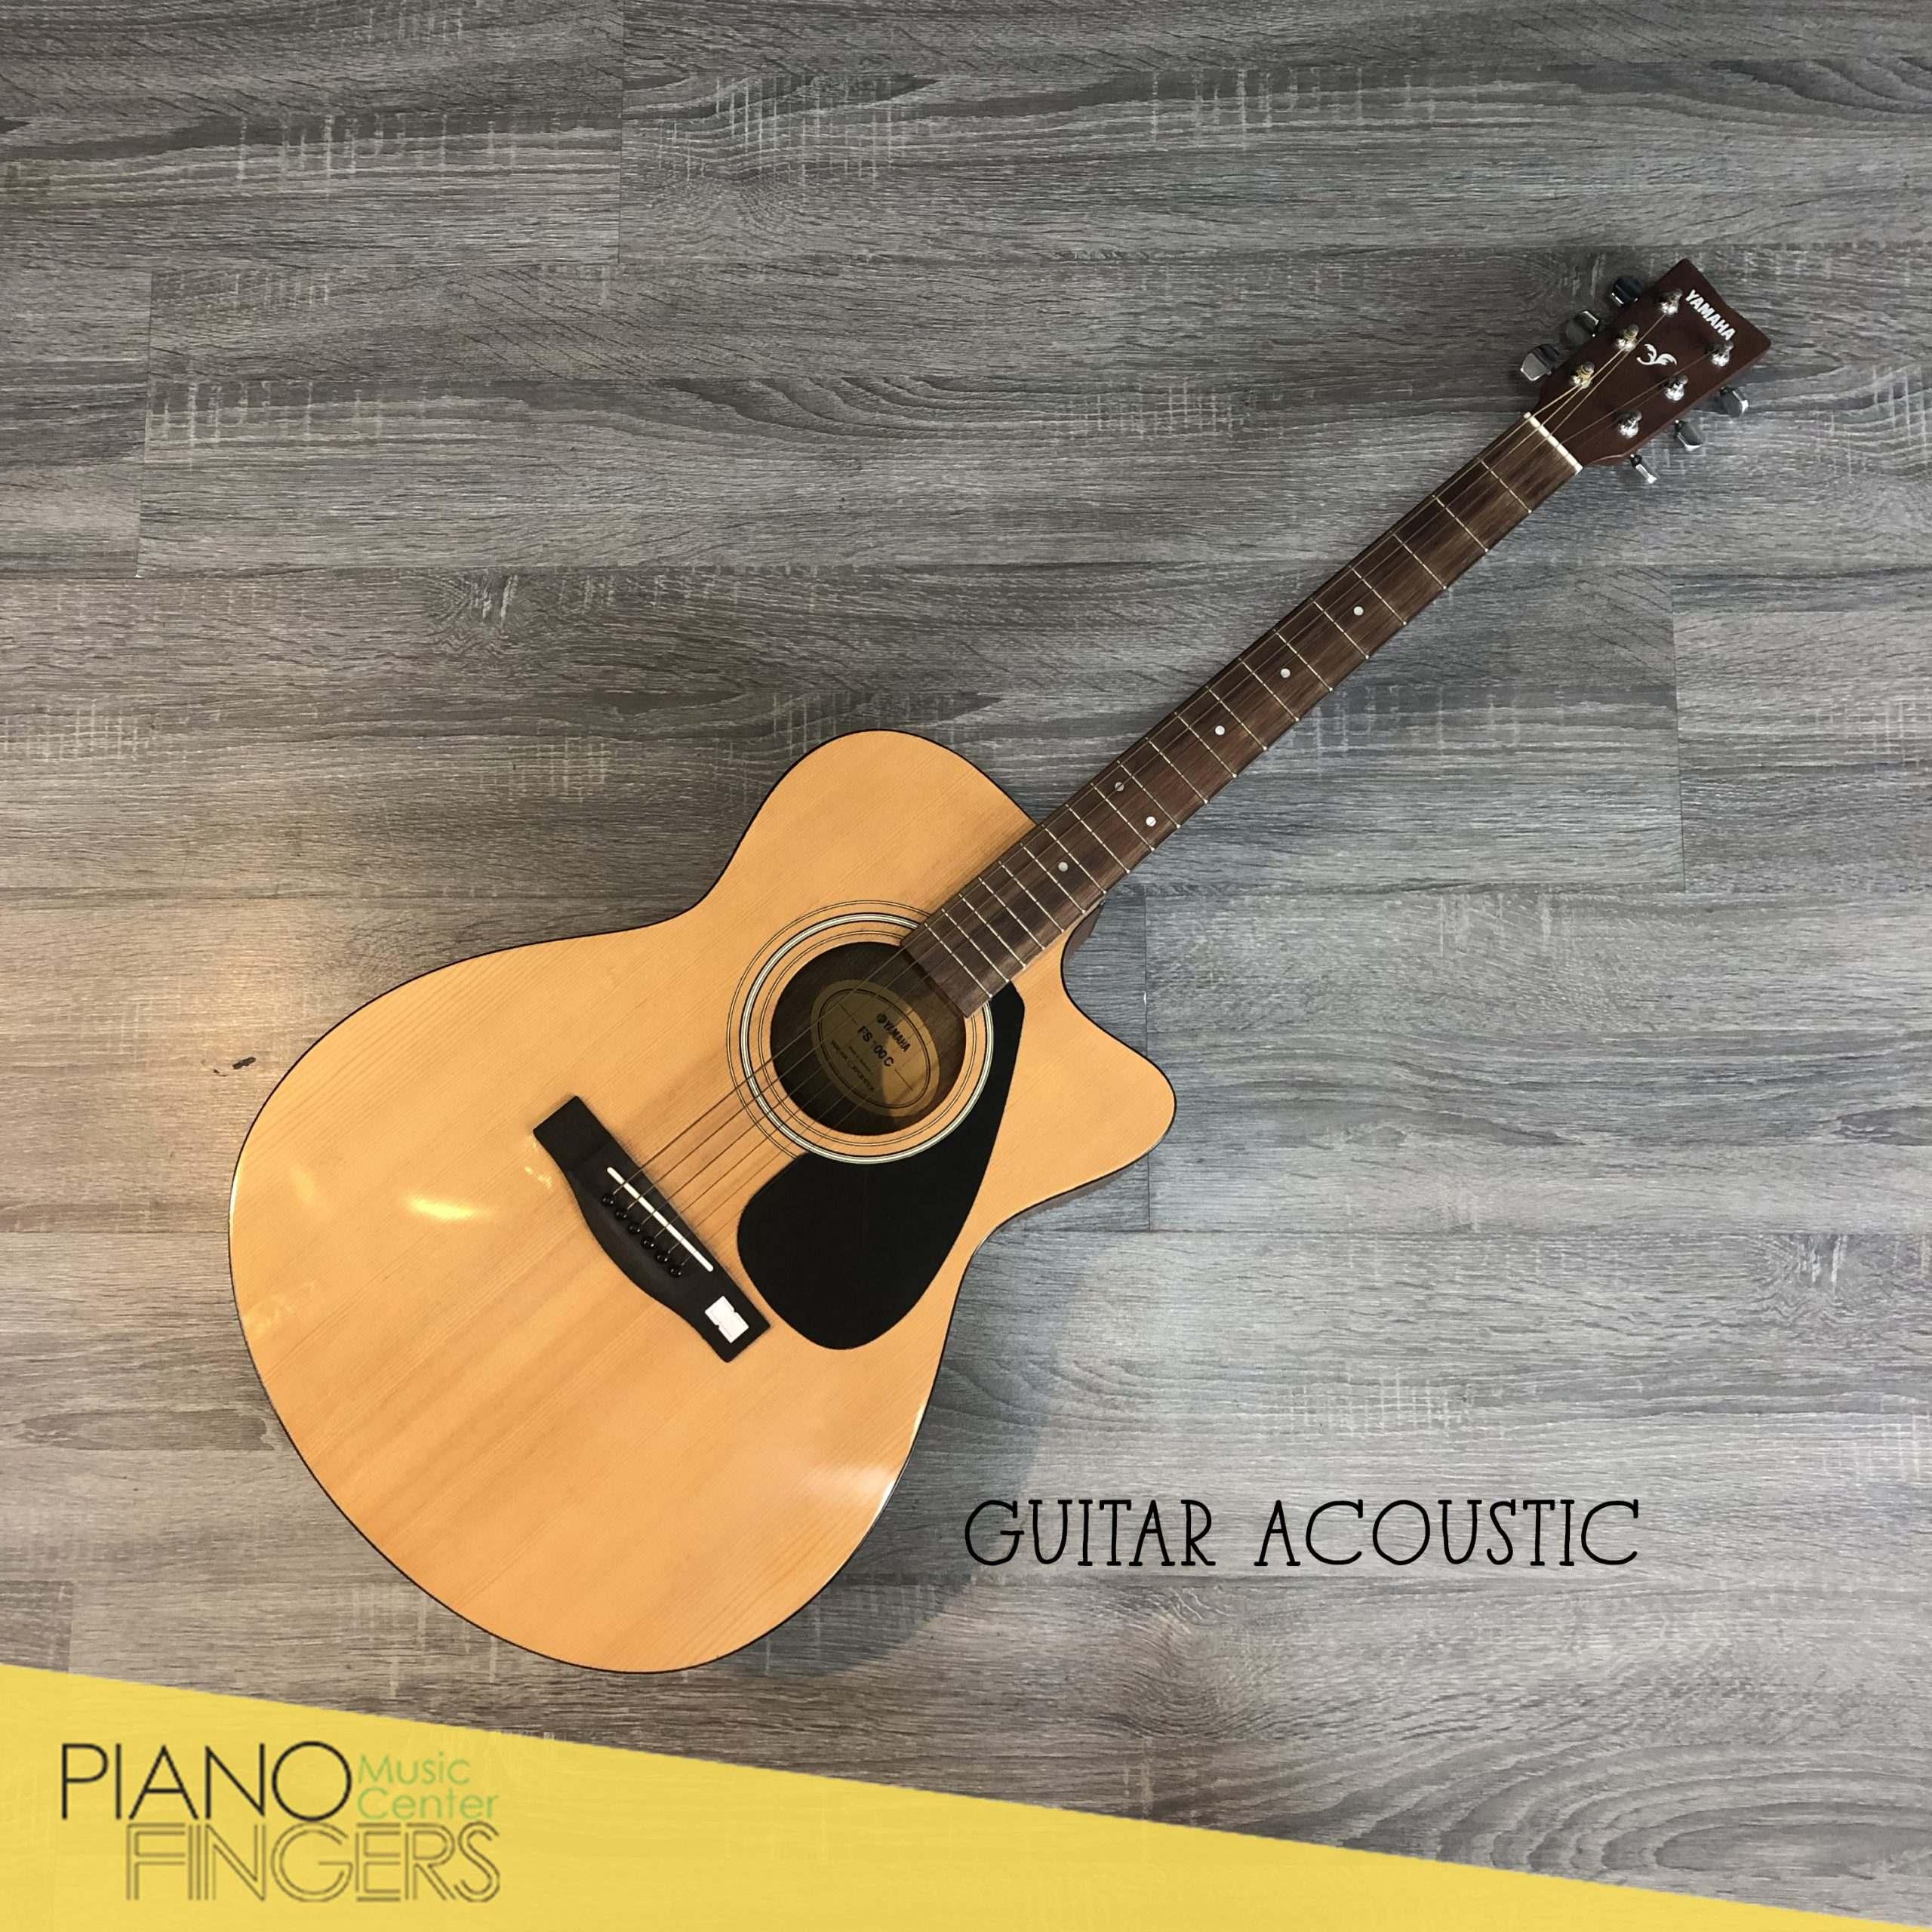 huong-dan-chon-dan-guitar-cho-tre-nho-3